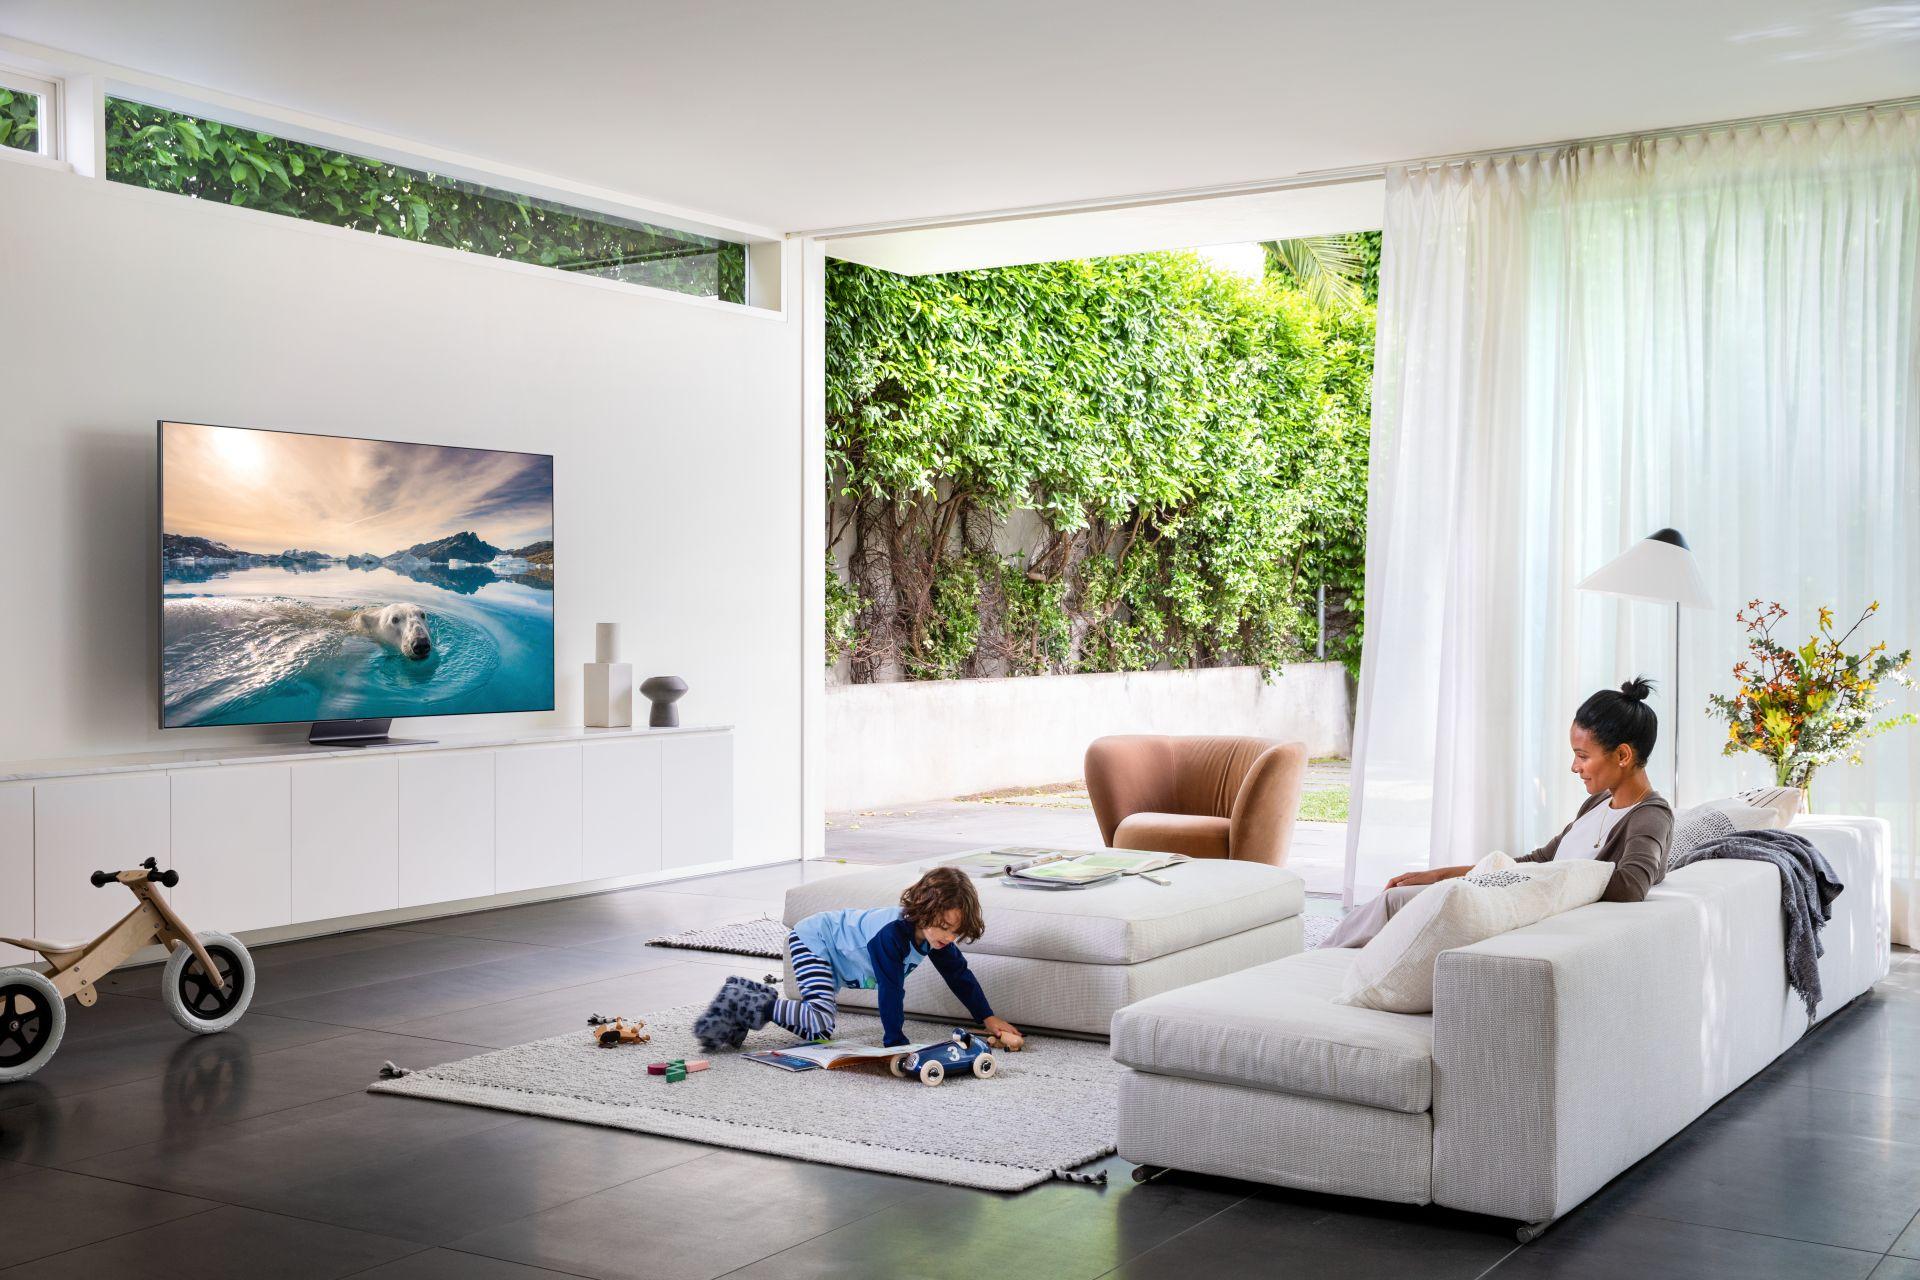 QLED Q95T w szerokiej sprzedaży - telewizor, który przyciąga każde spojrzenie